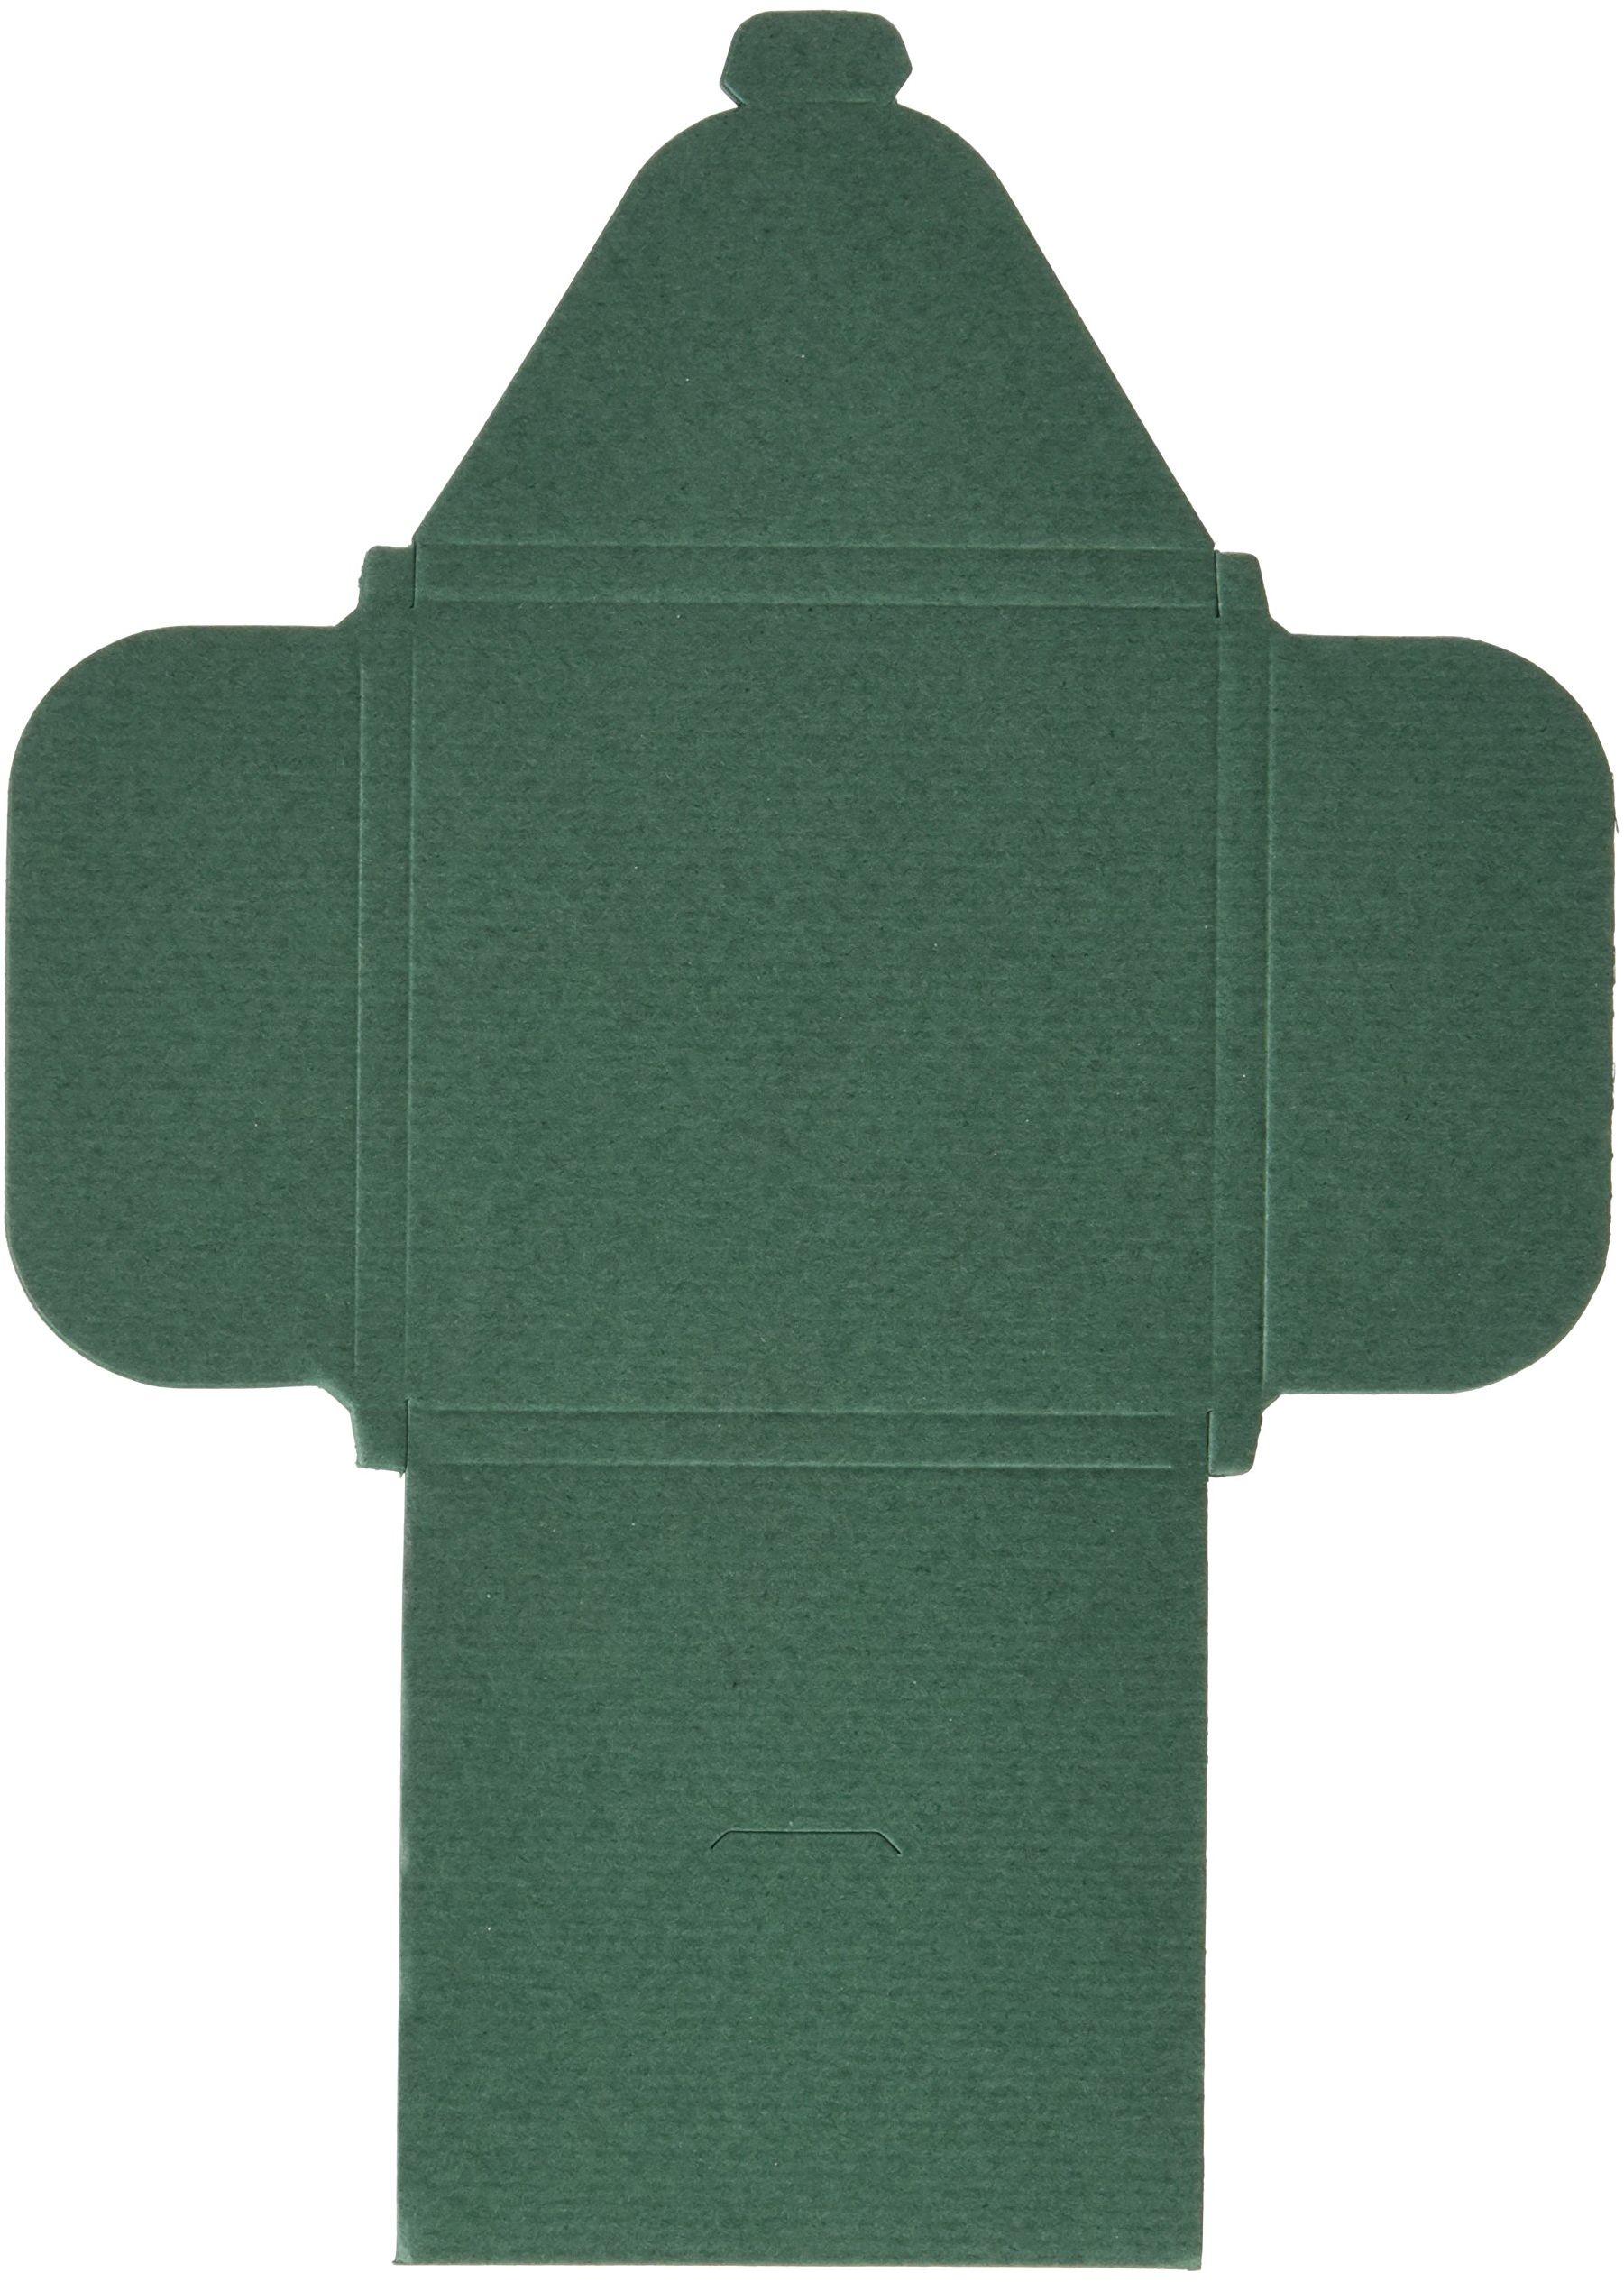 mopec e03.22 kwadratowe pudełko w kolorze zielonym, opakowanie 25 szt.